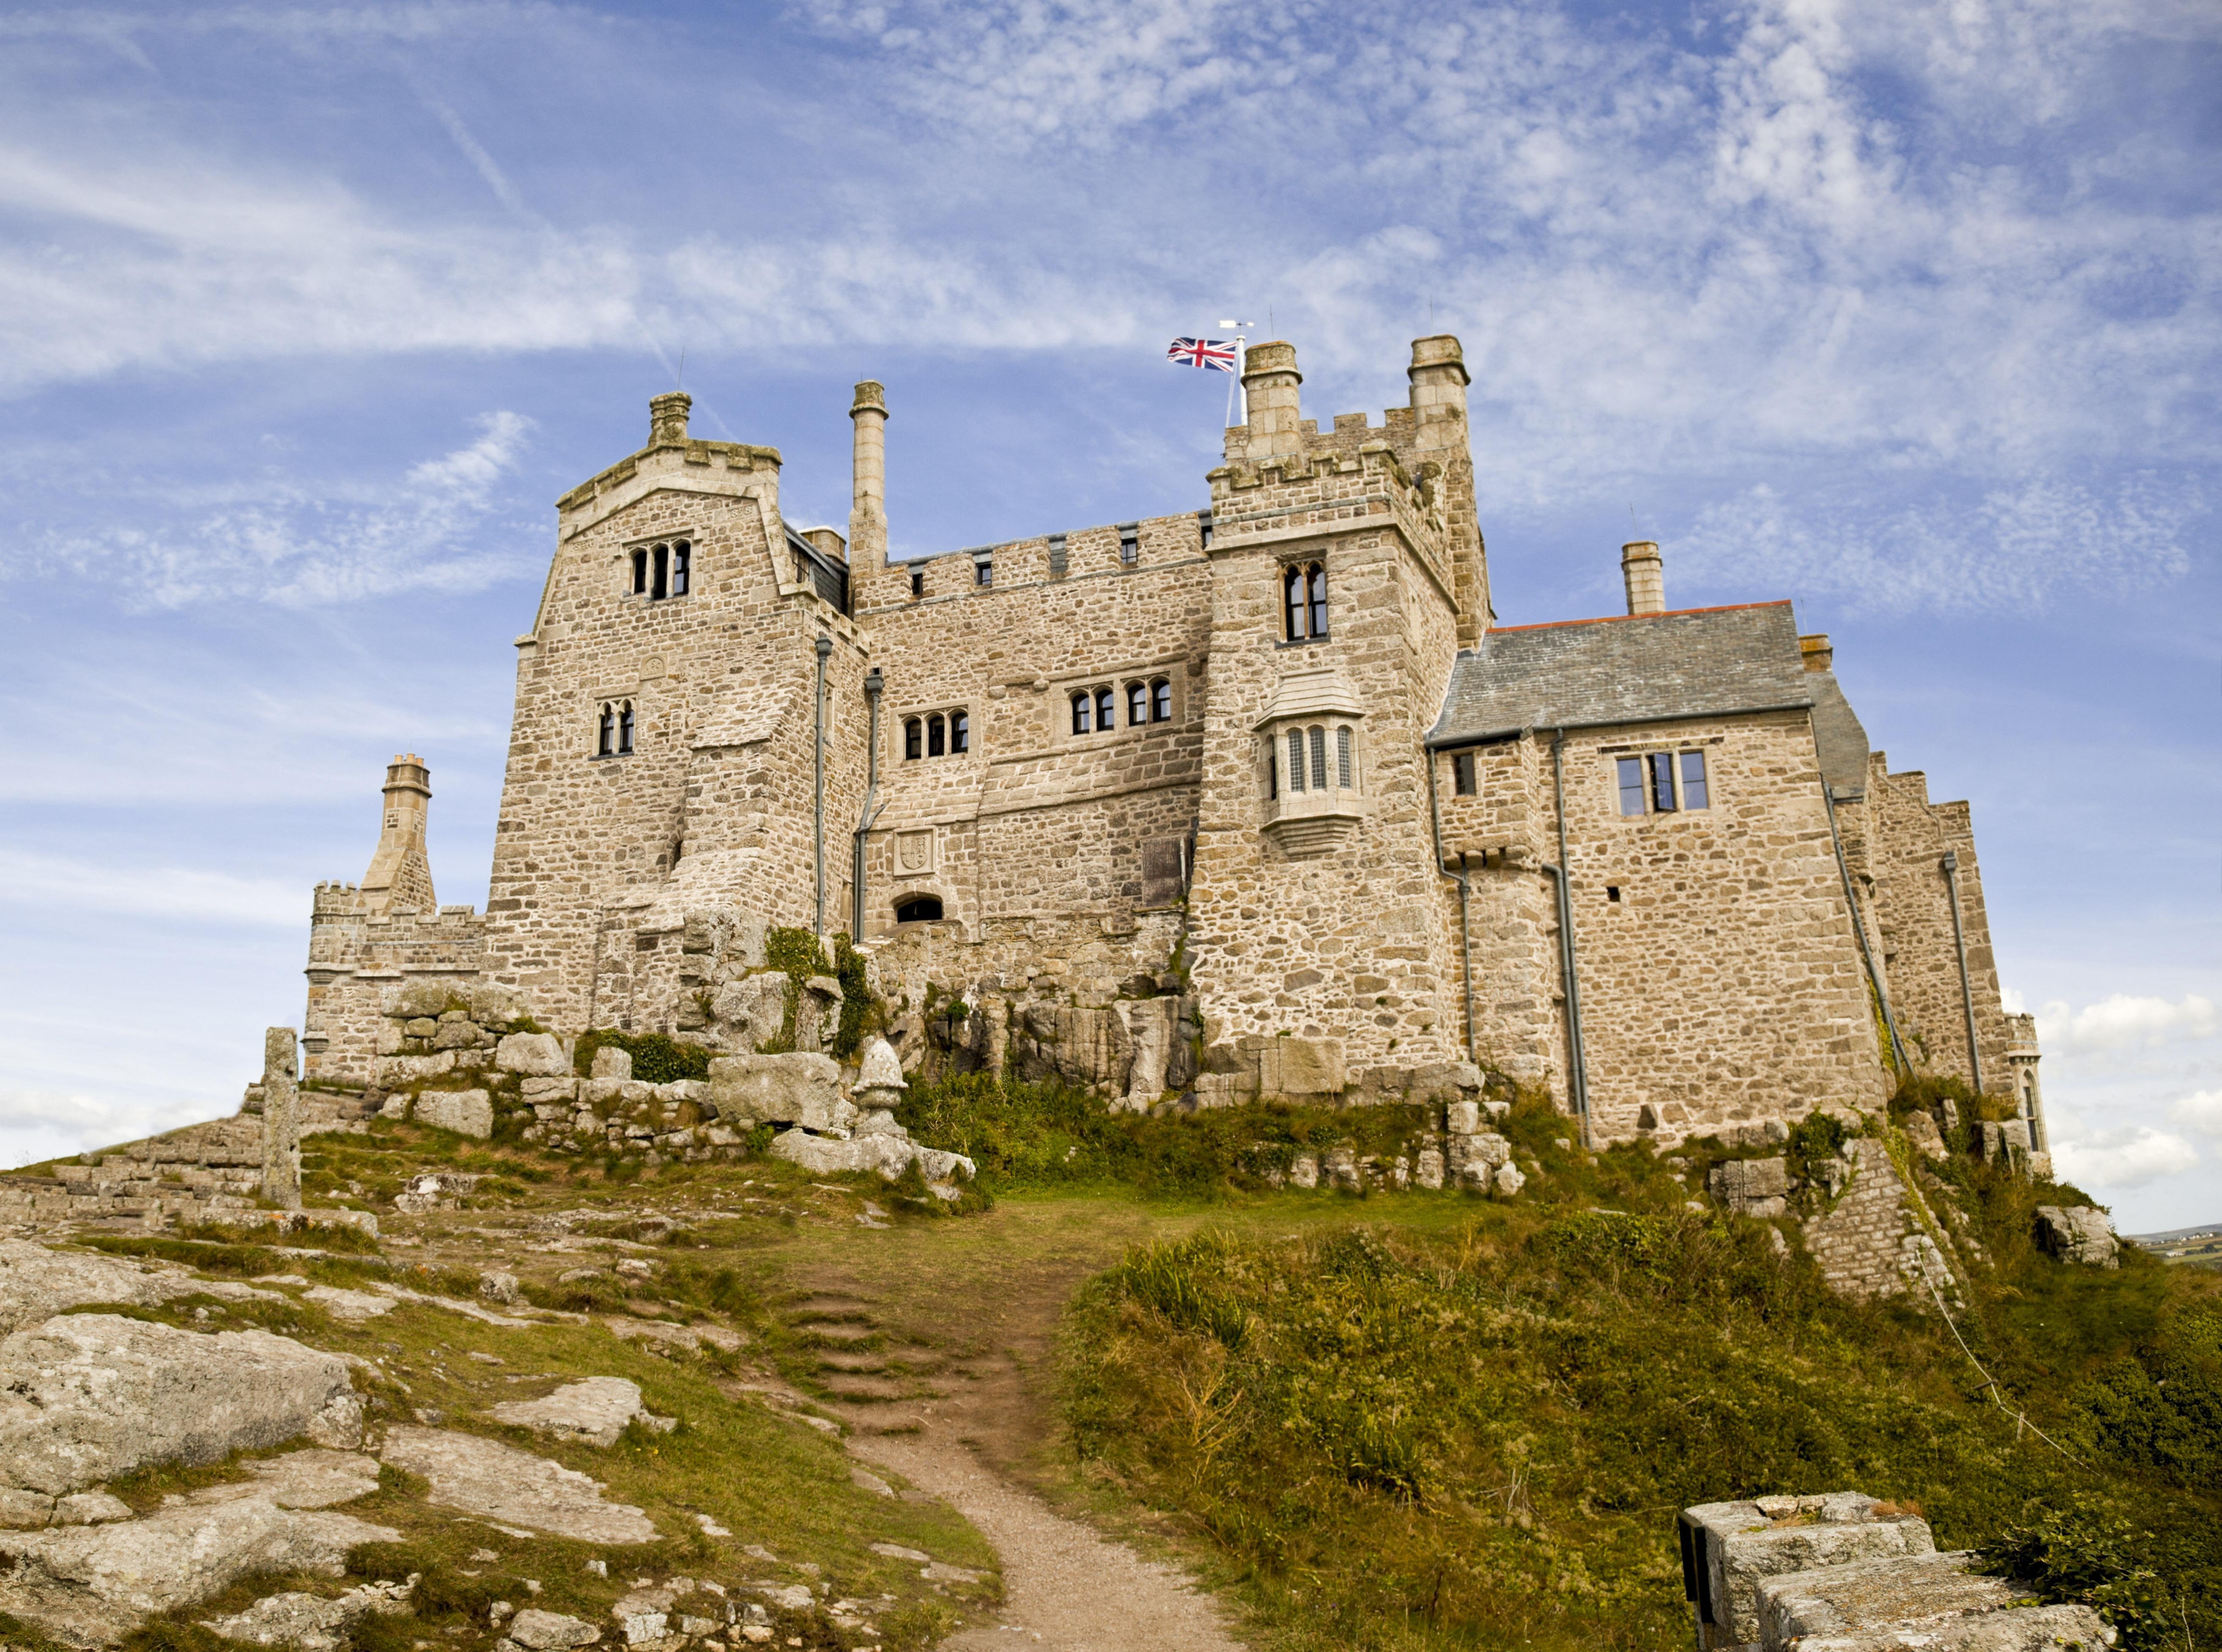 Tengeribetegségben nem szenvedő gondnokot keresnek egy brit szigeten álló kastélyba